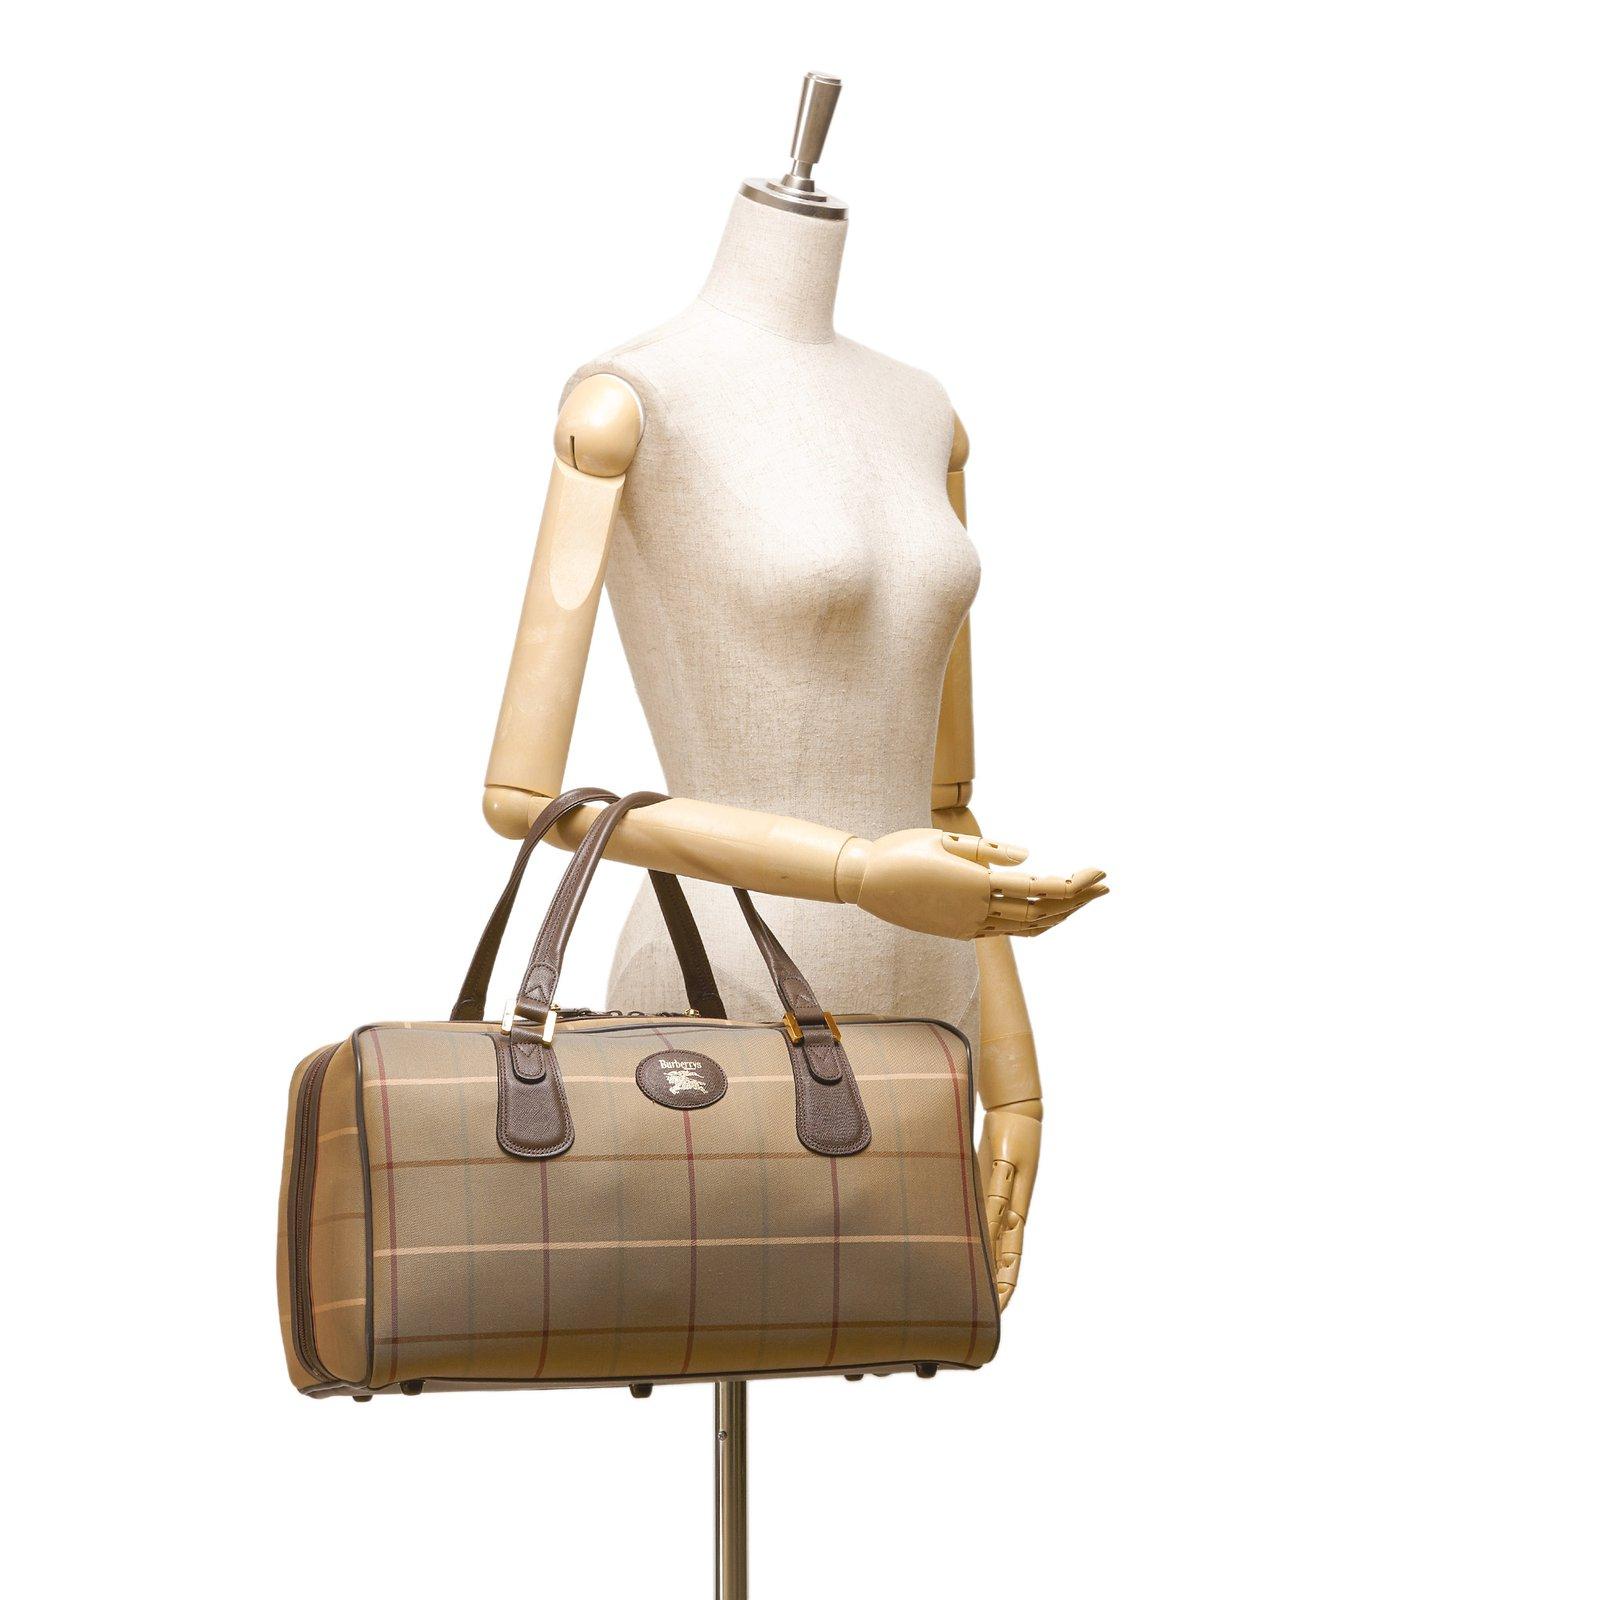 fc5aca2b8d3a Sacs de voyage Burberry Sac de sport en coton à carreaux  Cuir,Autre,Coton,Tissu Marron,Multicolore,Kaki ref.93502 - Joli Closet